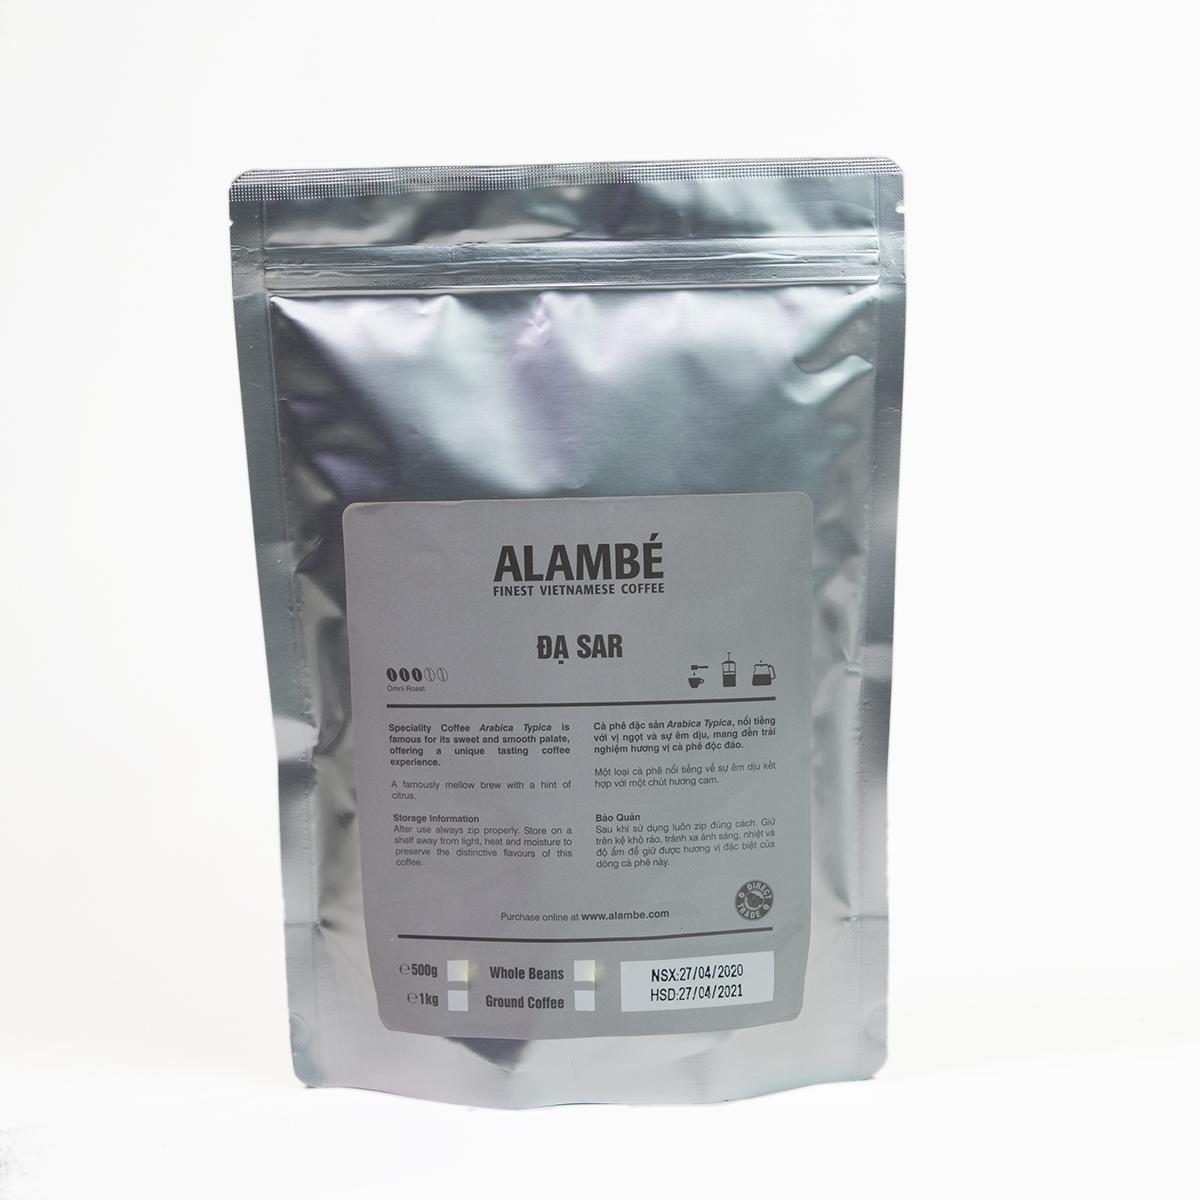 Cà phê rang xay đặc biệt Đạ Sar ALAMBÉ 500g